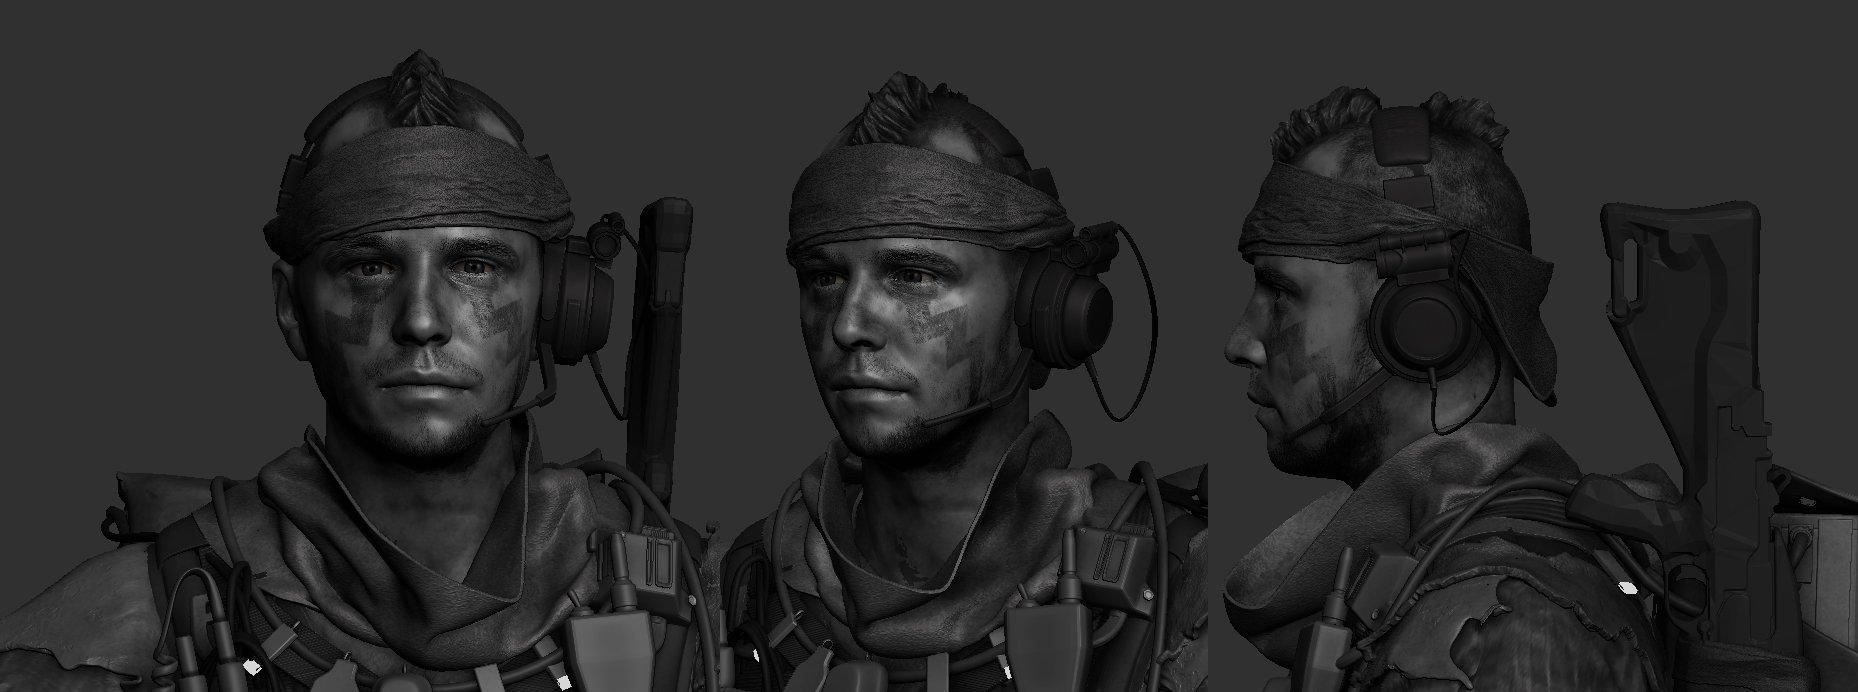 Анонимный источник обнародовал 170 изображений Doom 4. - Изображение 1